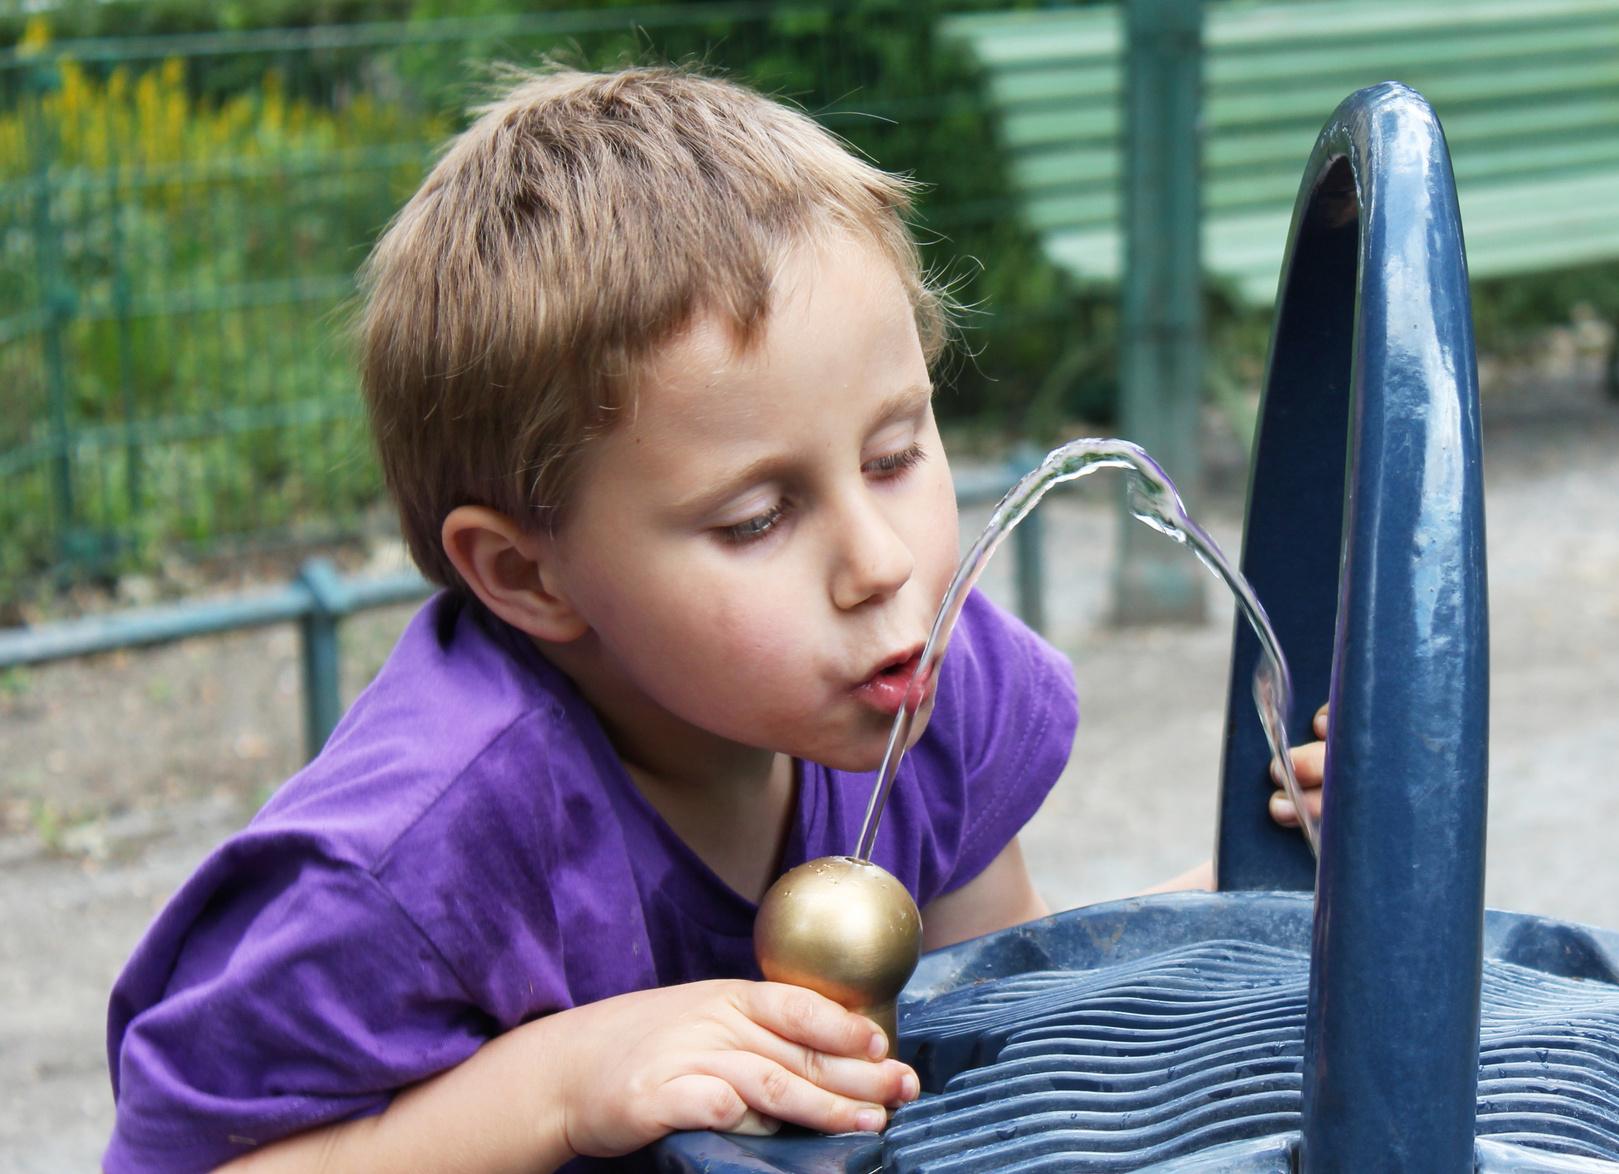 Junge trinkt an einem Trinkbrunnen im Park